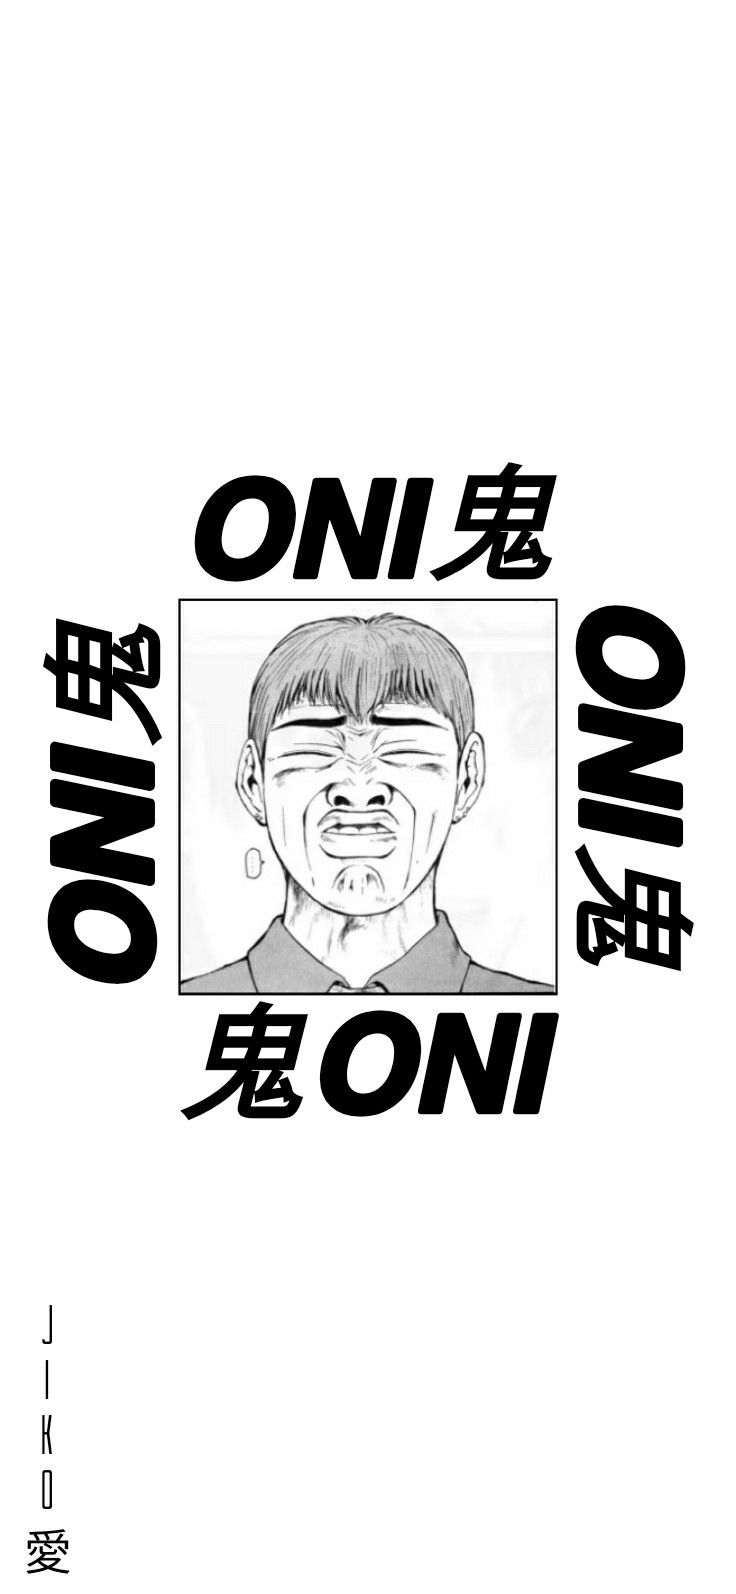 Gto Wallpaper Gto Anime Sketch Wallpaper Gto anime iphone wallpaper